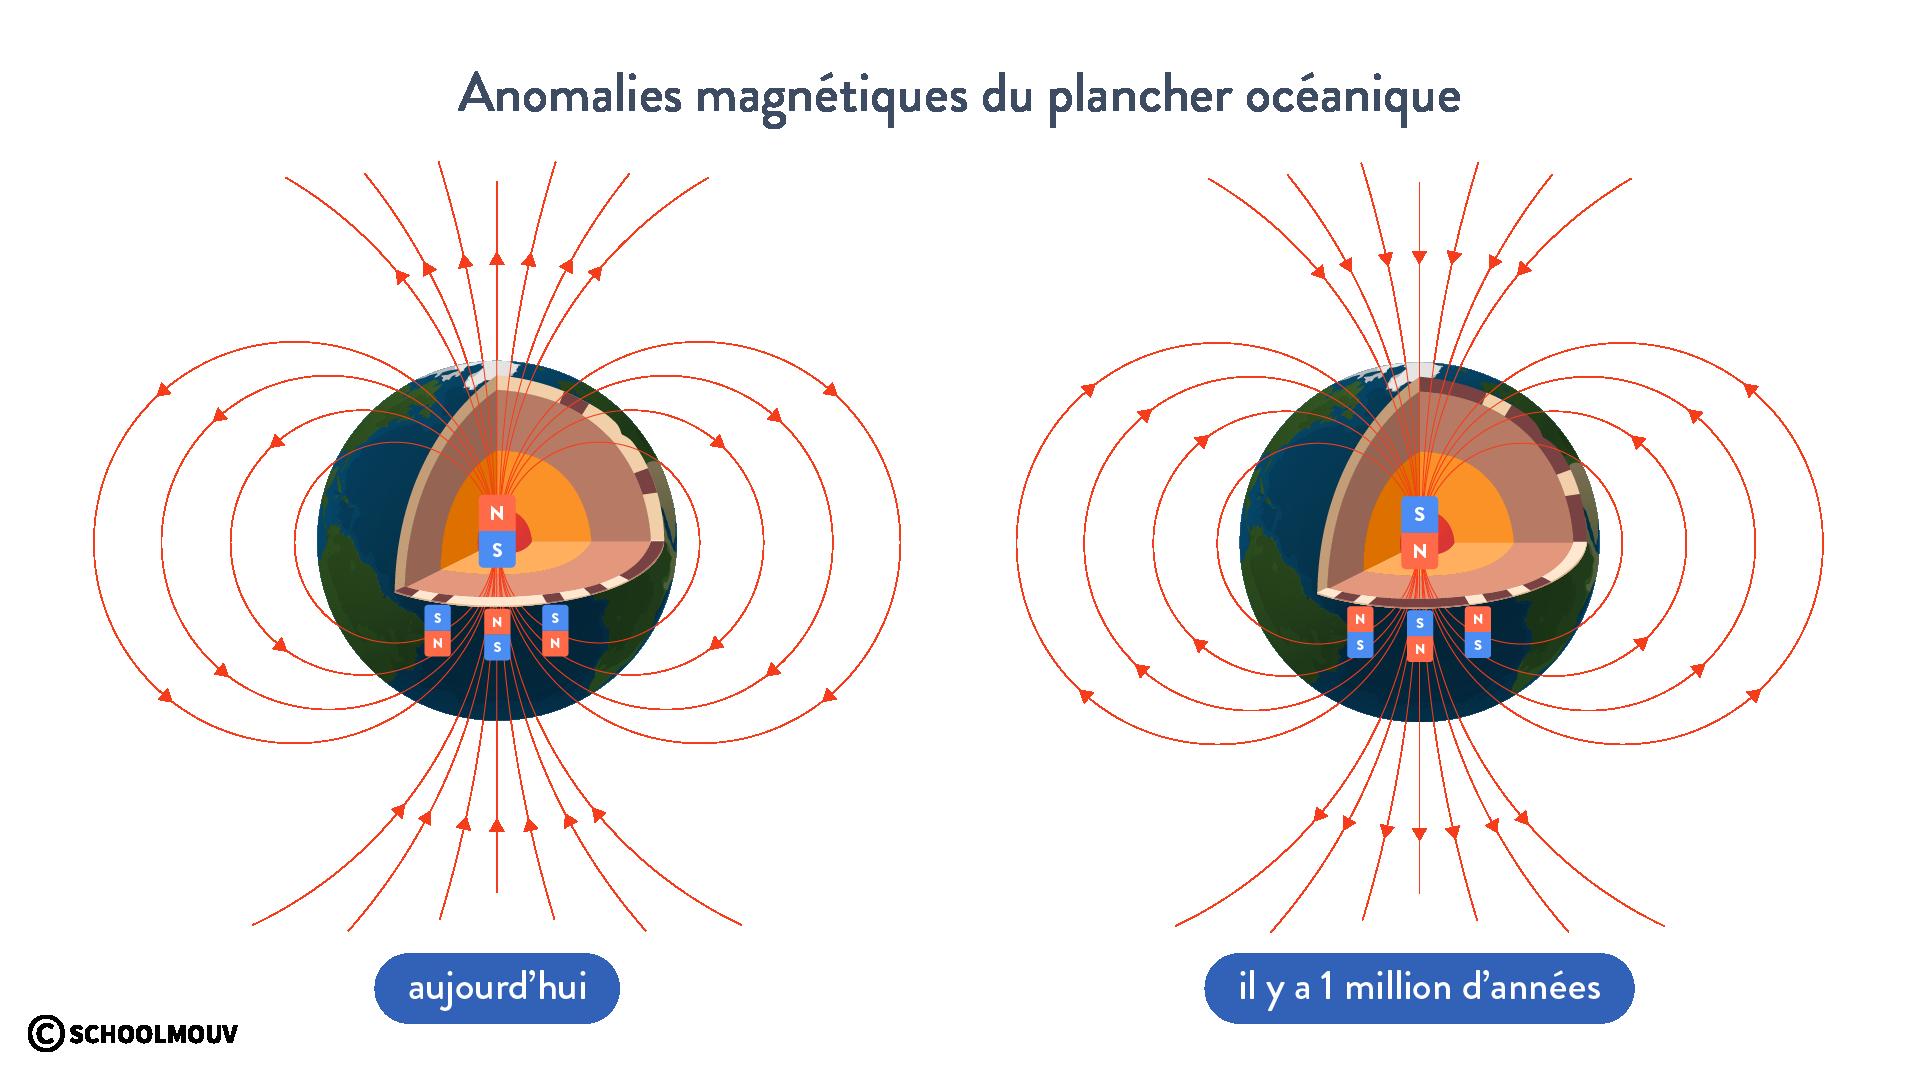 Anomalies magnétiques du plancher océanique lithosphère champ magnétique